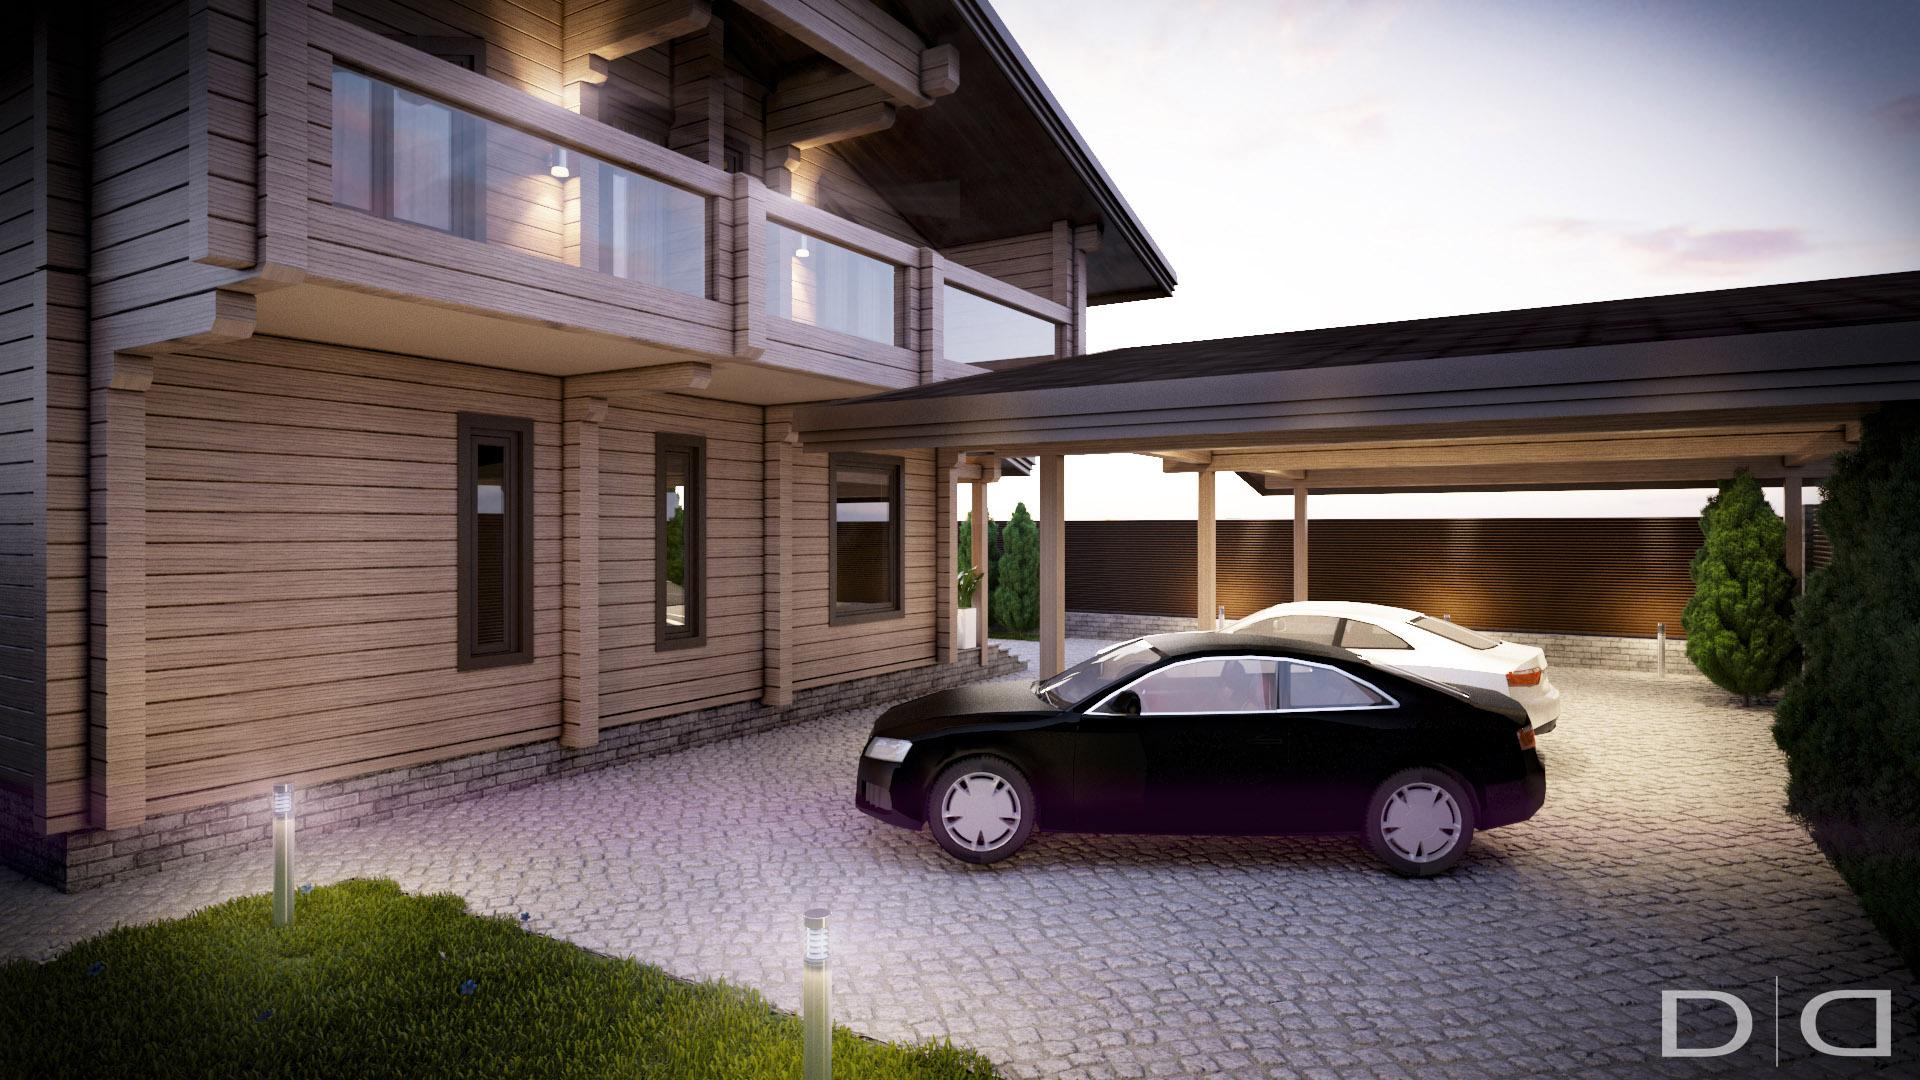 01_dd-interior_studio_design_project_minsk_009-14